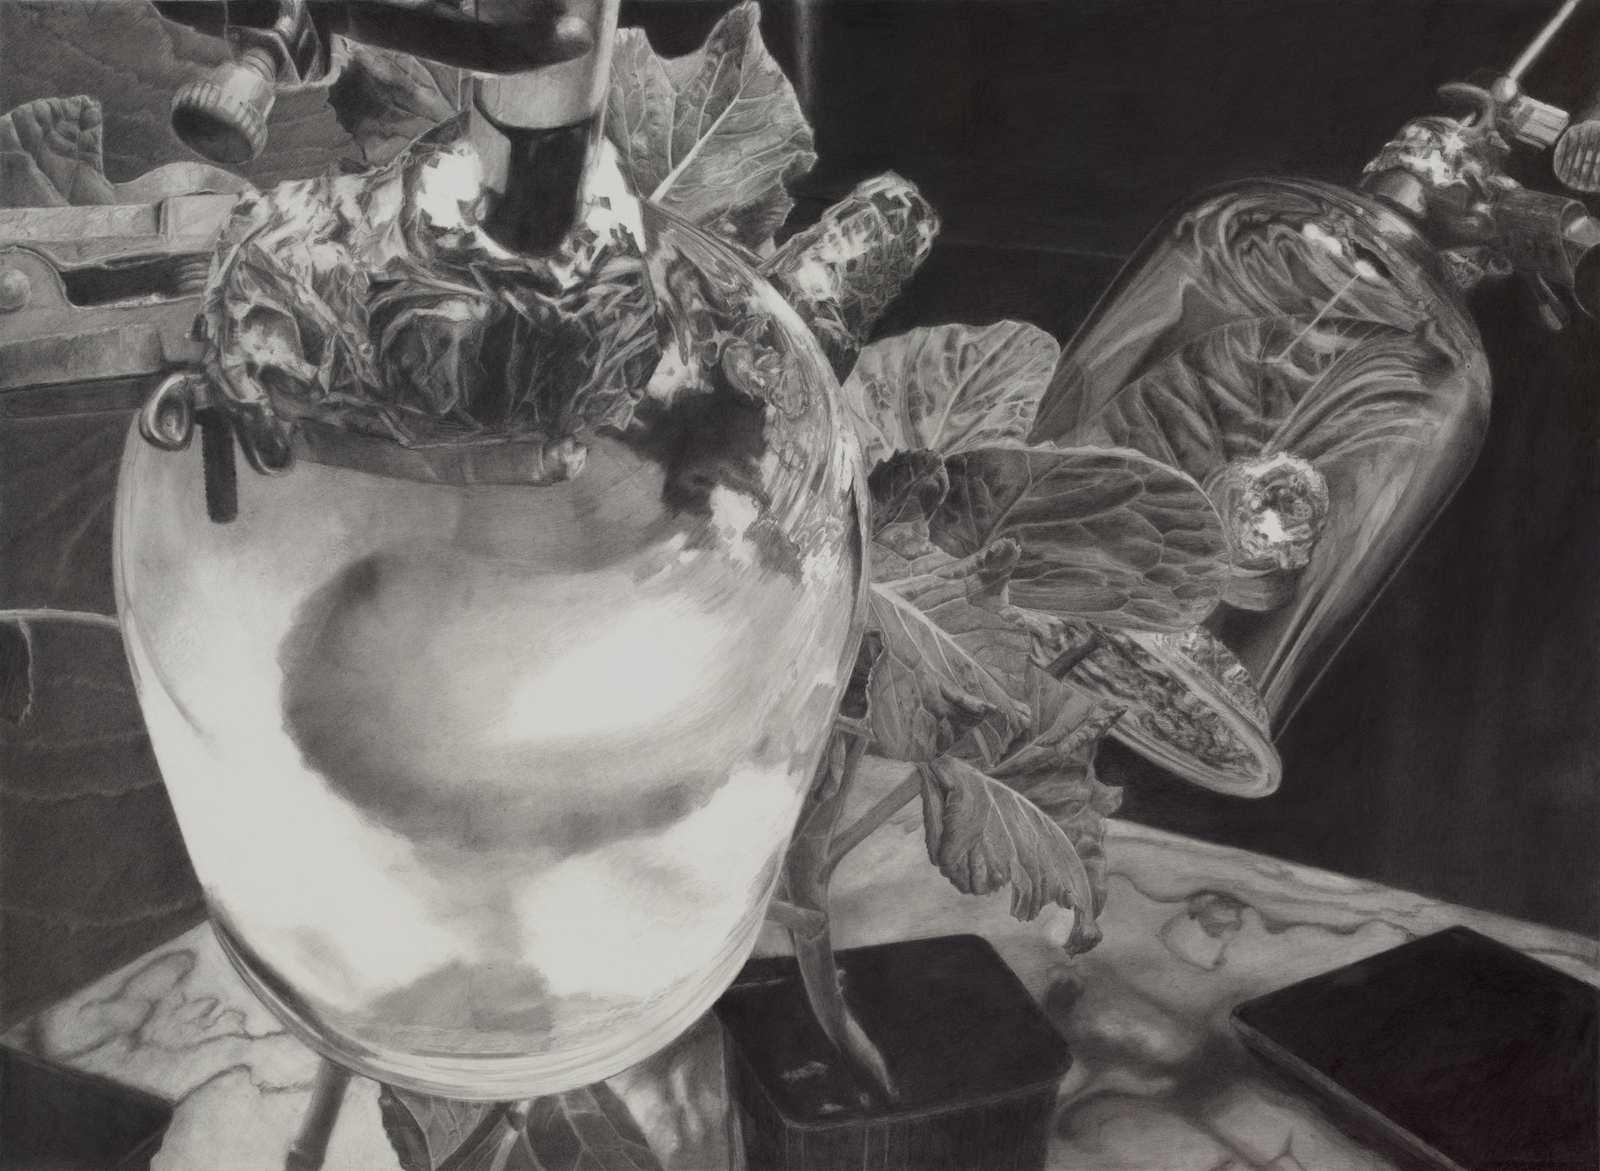 Plant Interview, 2009, pencil on paper, 51 x 69 cm